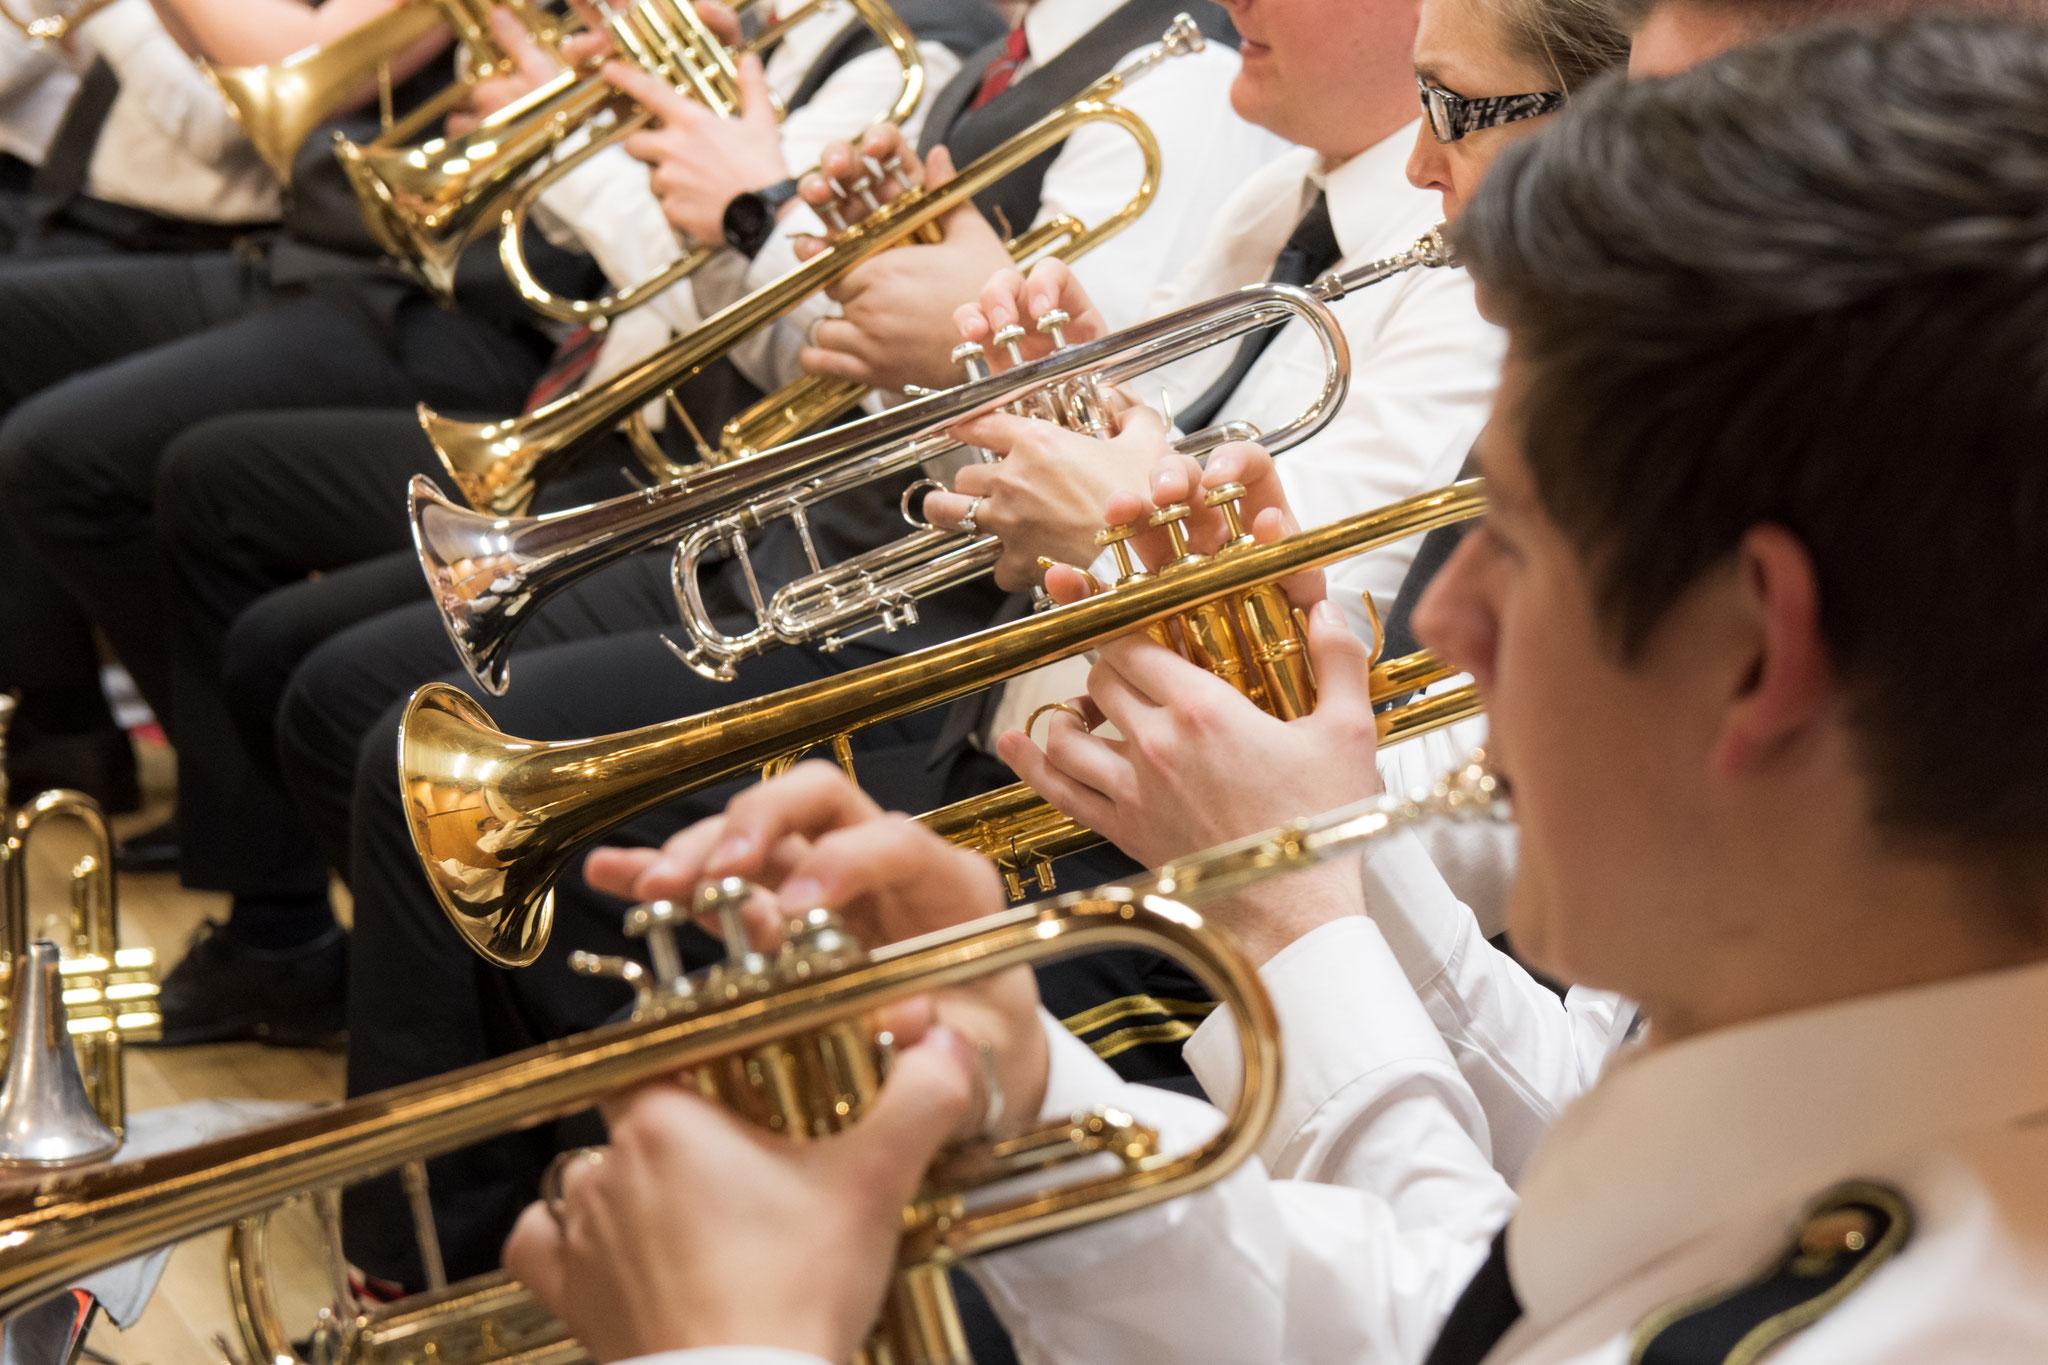 Die vielen Trompeten sind sowohl aus der Spielgemeinschaft Hütschenhausen als auch aus dem Bergmanns-Blasorchester Hettenleidelheim.